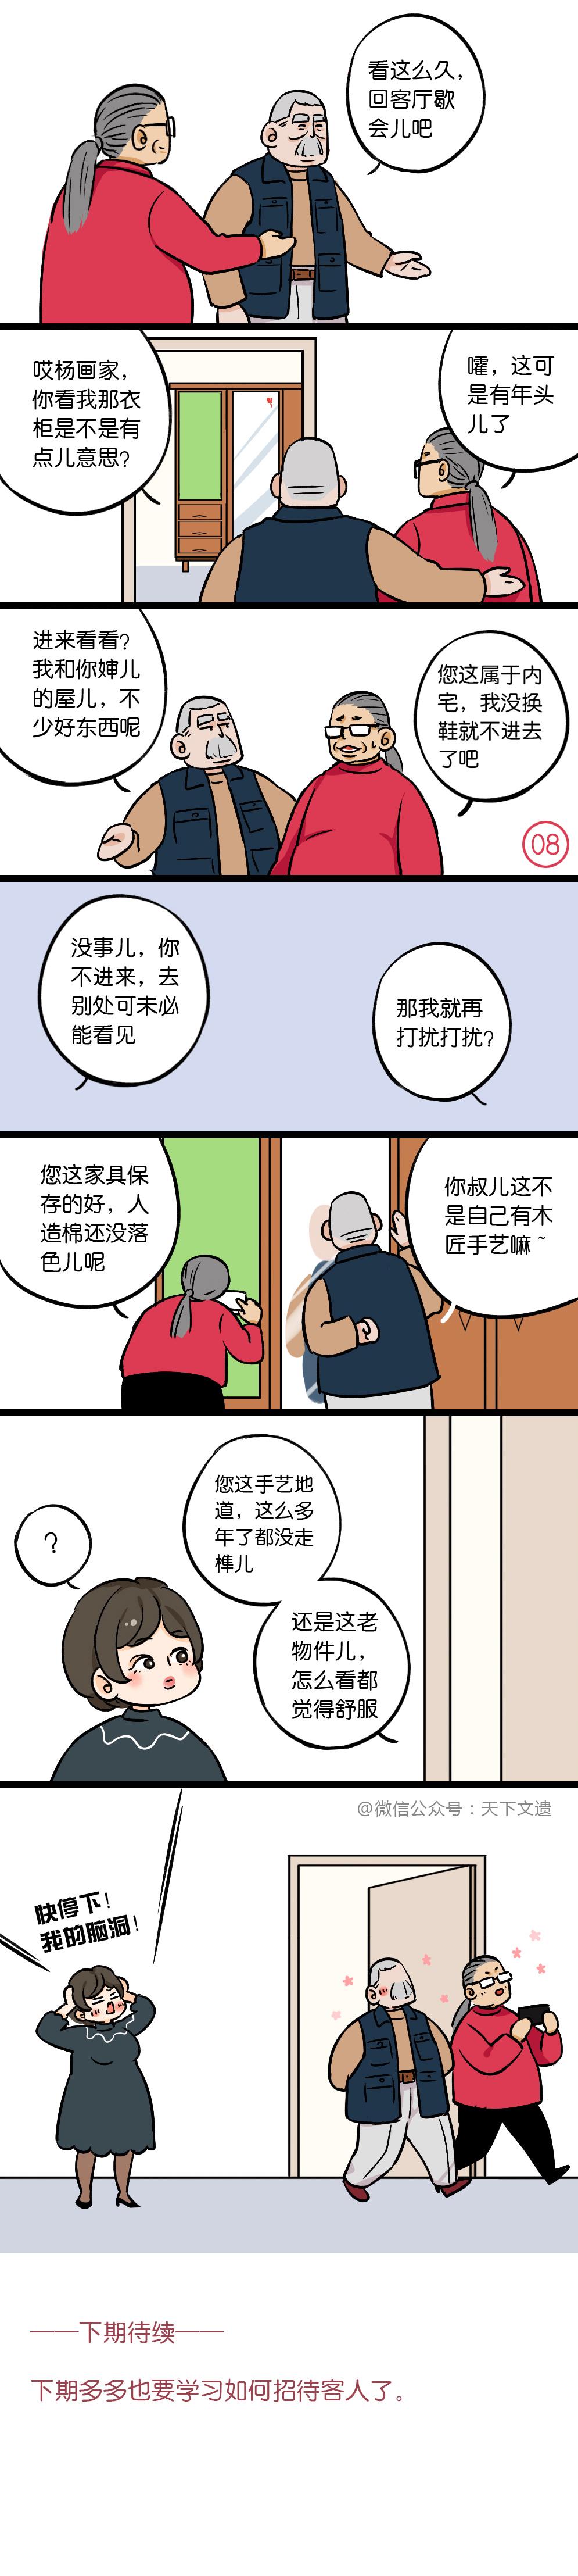 11.30 杨大大话家规漫画5.jpg